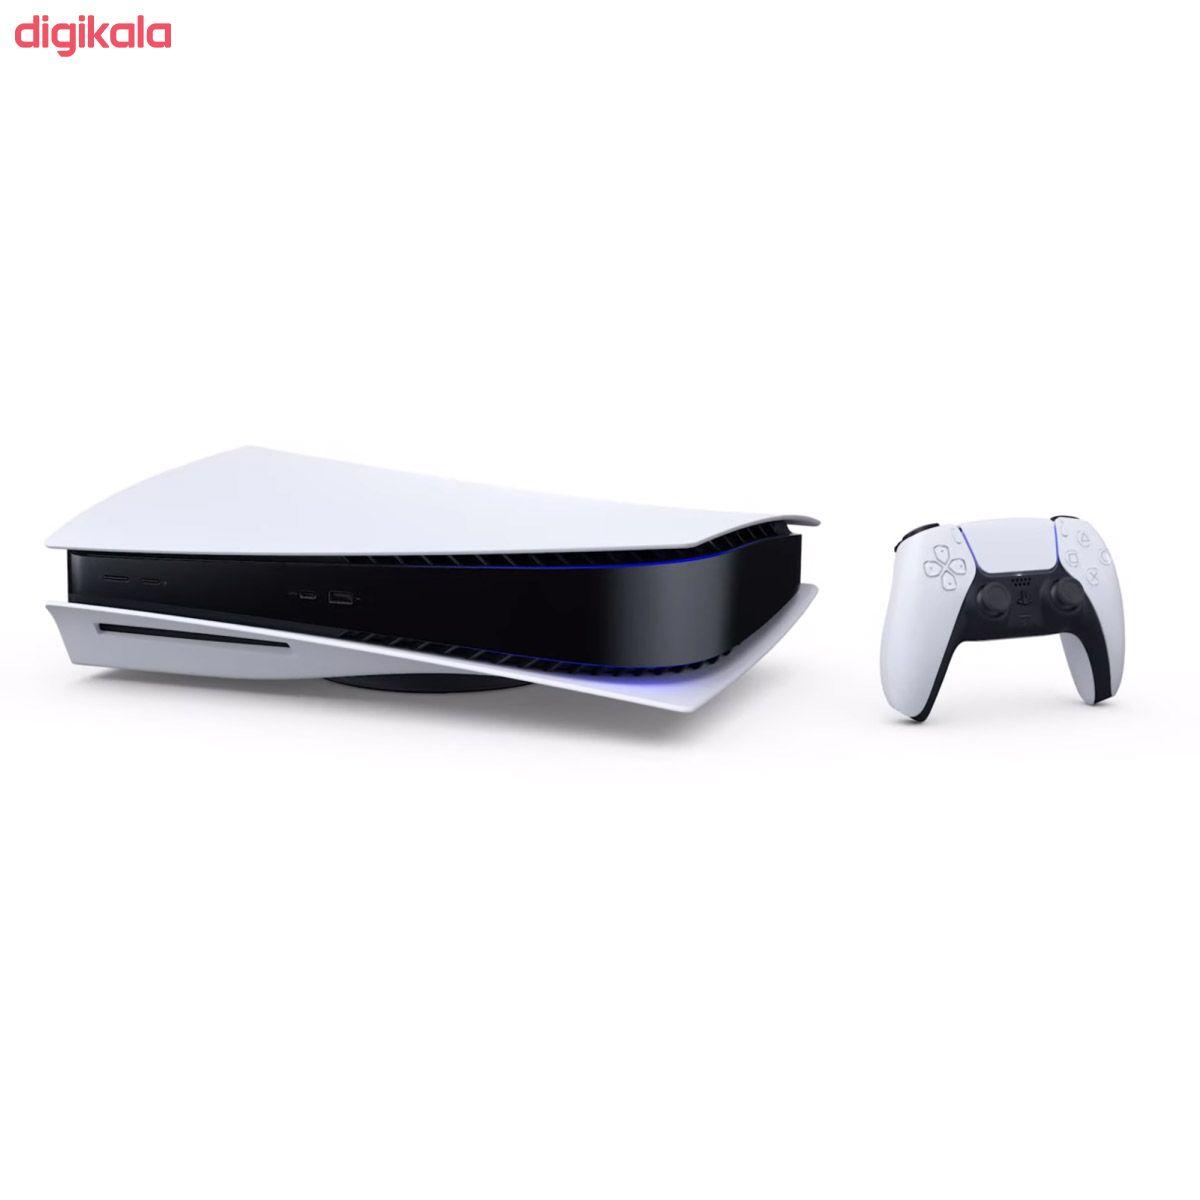 کنسول بازی سونی مدل Playstation 5 ظرفیت 825 گیگابایت main 1 5